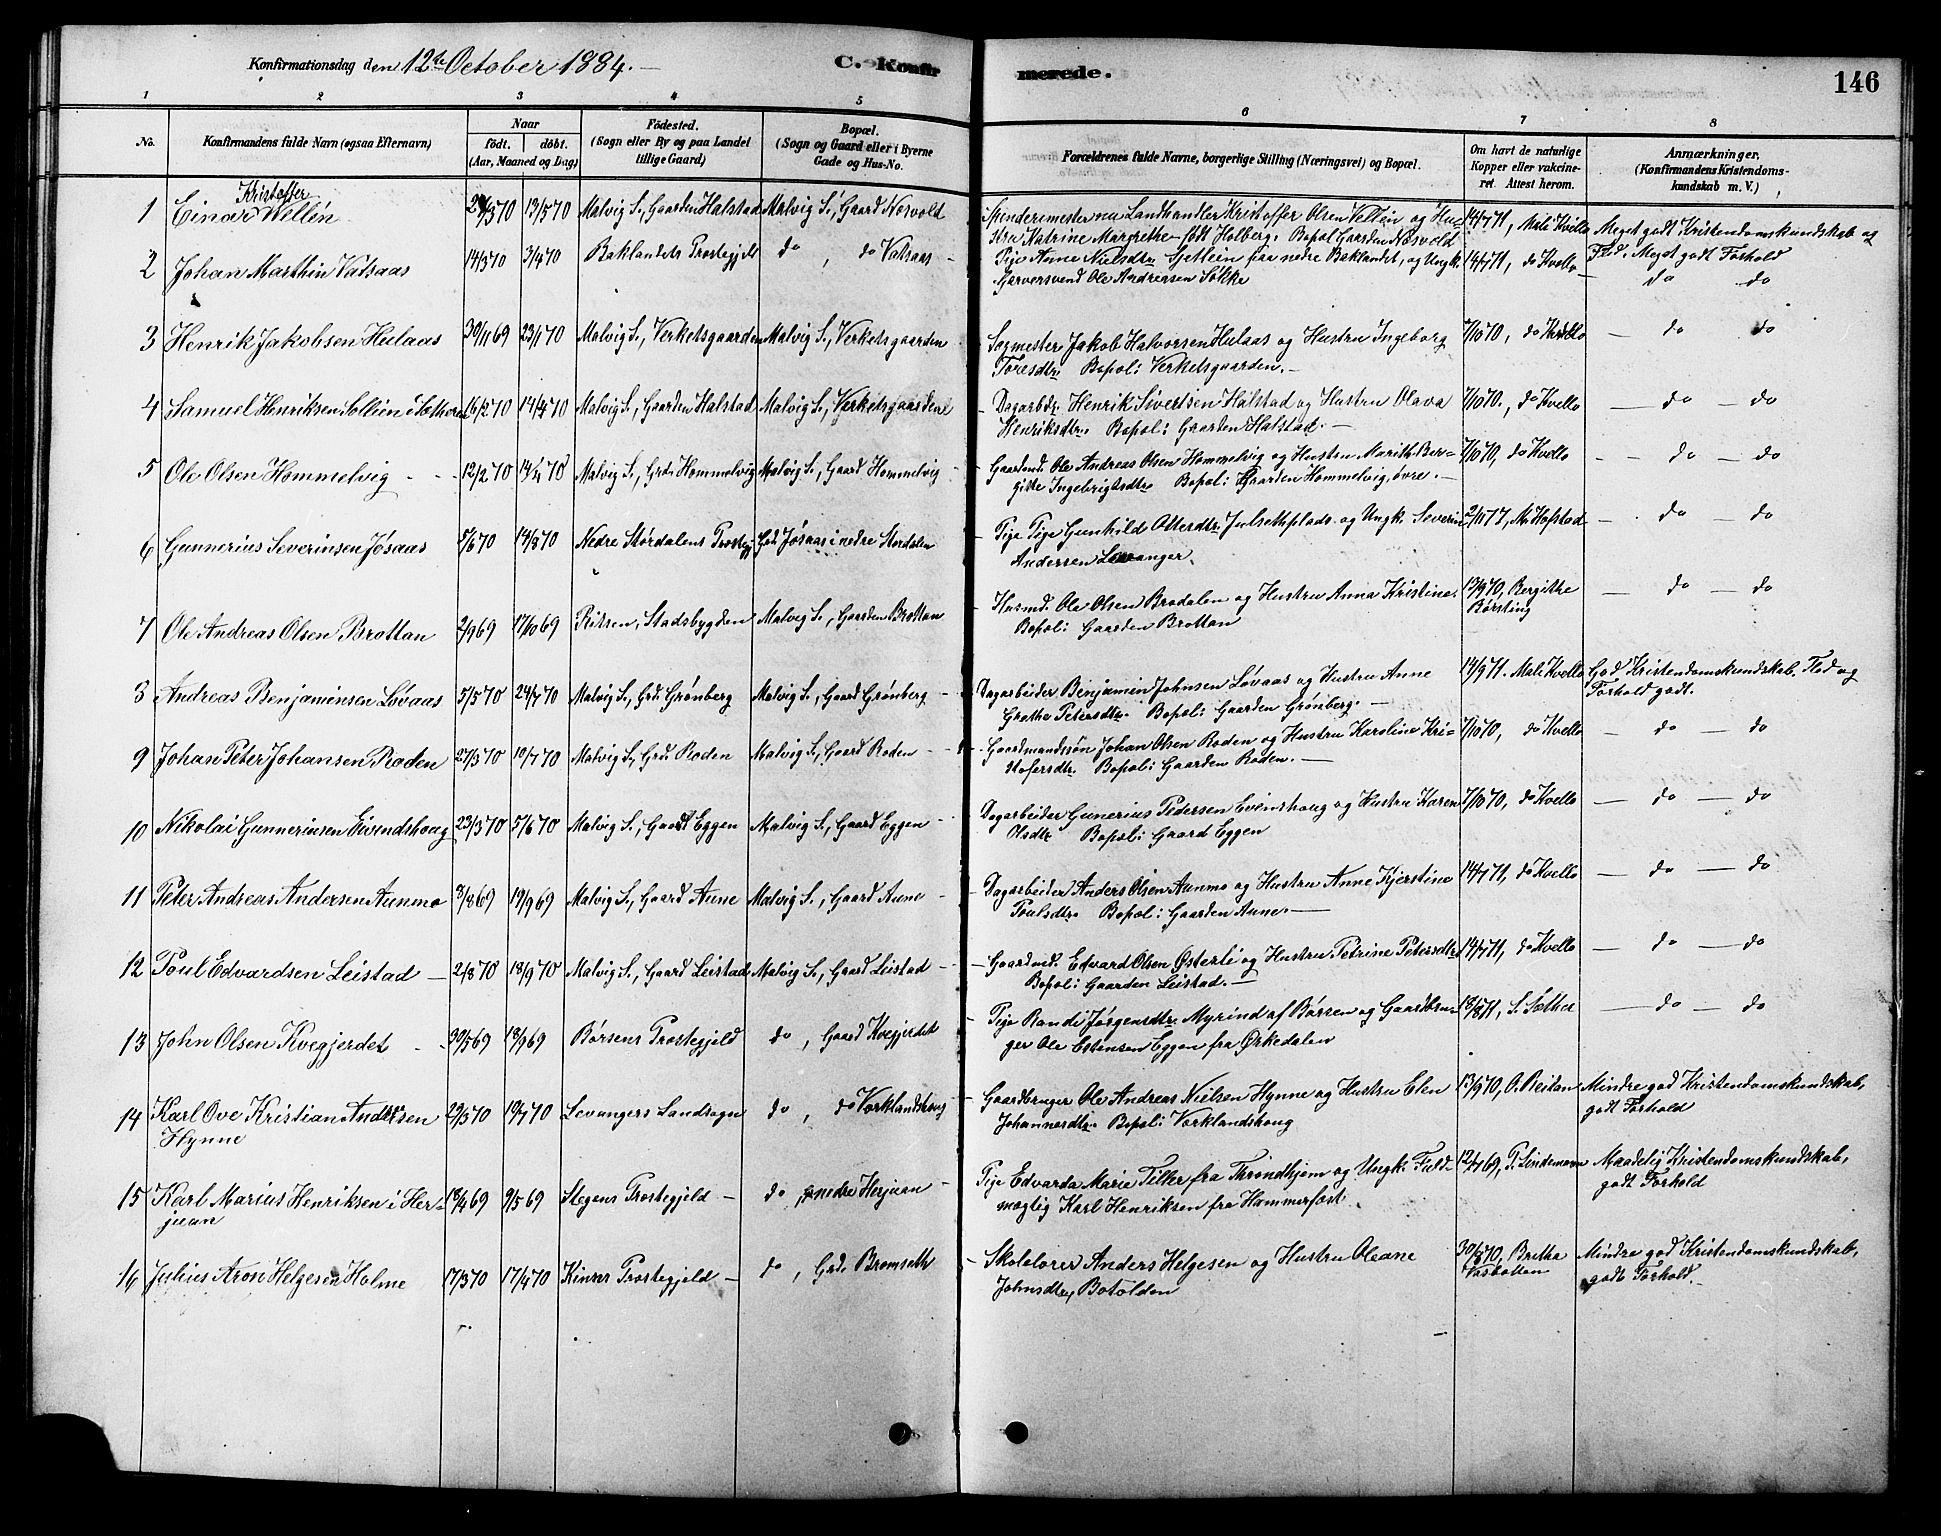 SAT, Ministerialprotokoller, klokkerbøker og fødselsregistre - Sør-Trøndelag, 616/L0423: Klokkerbok nr. 616C06, 1878-1903, s. 146